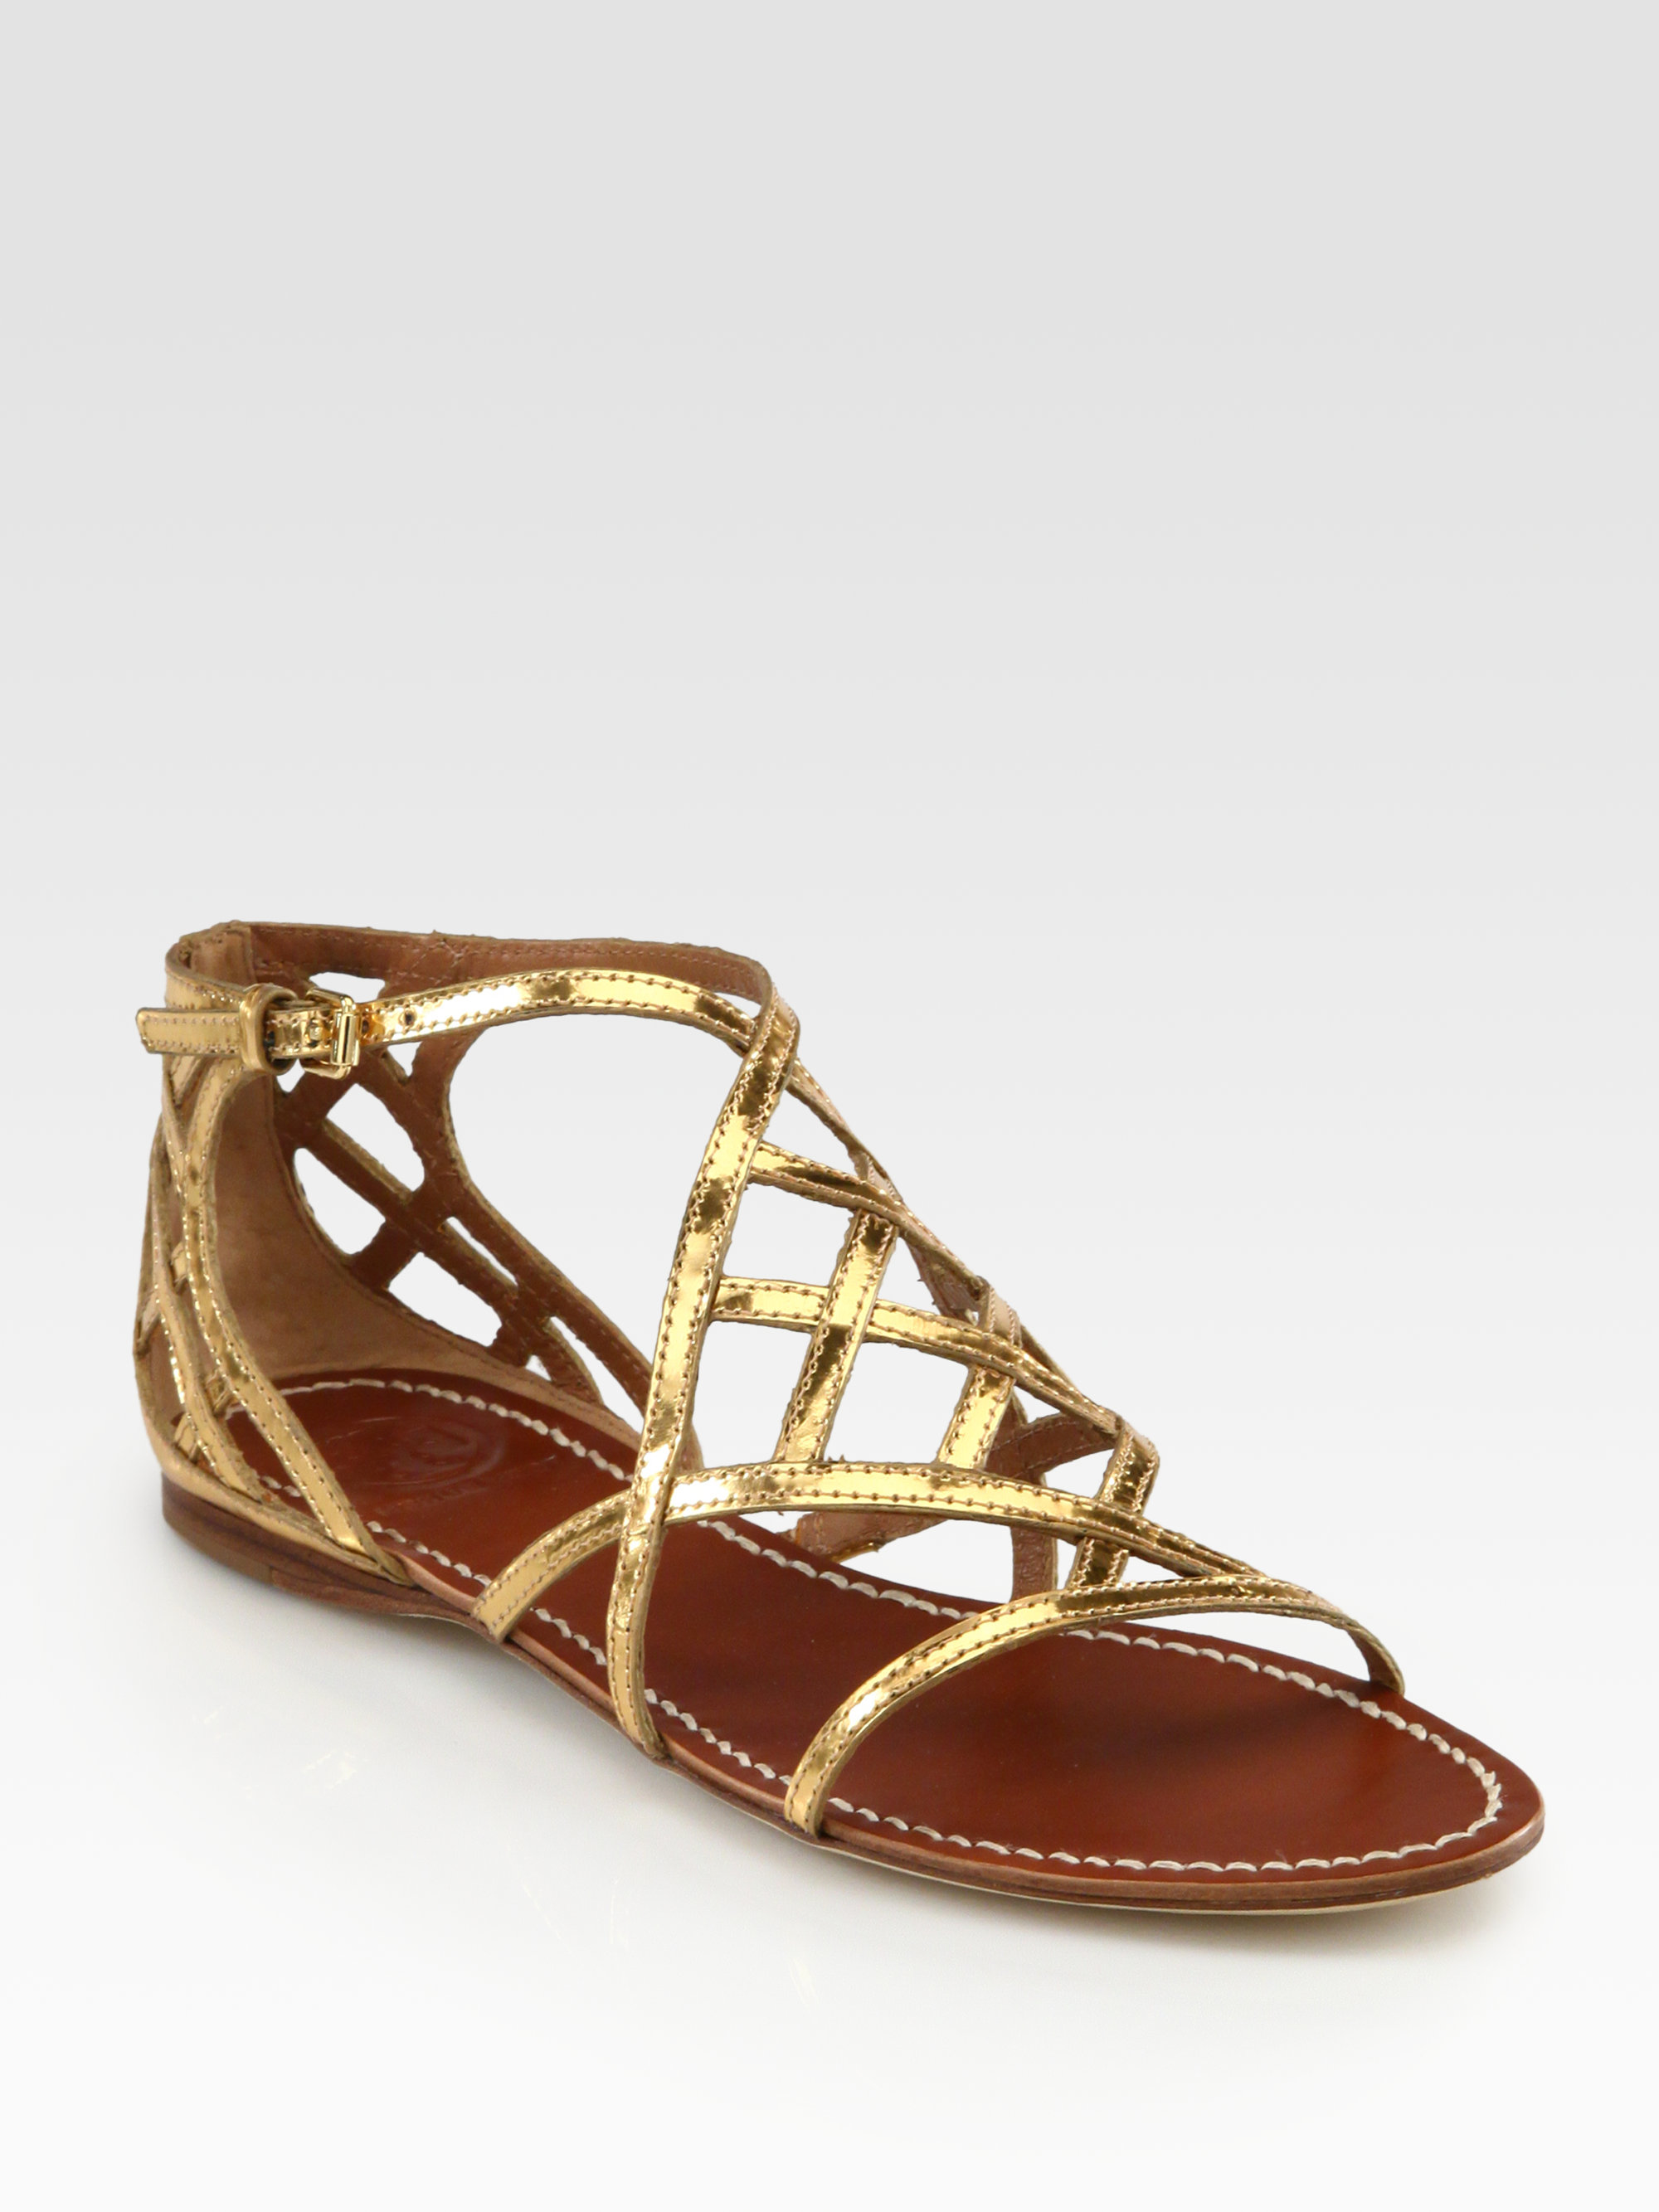 Mens Florsheim Shoes Images